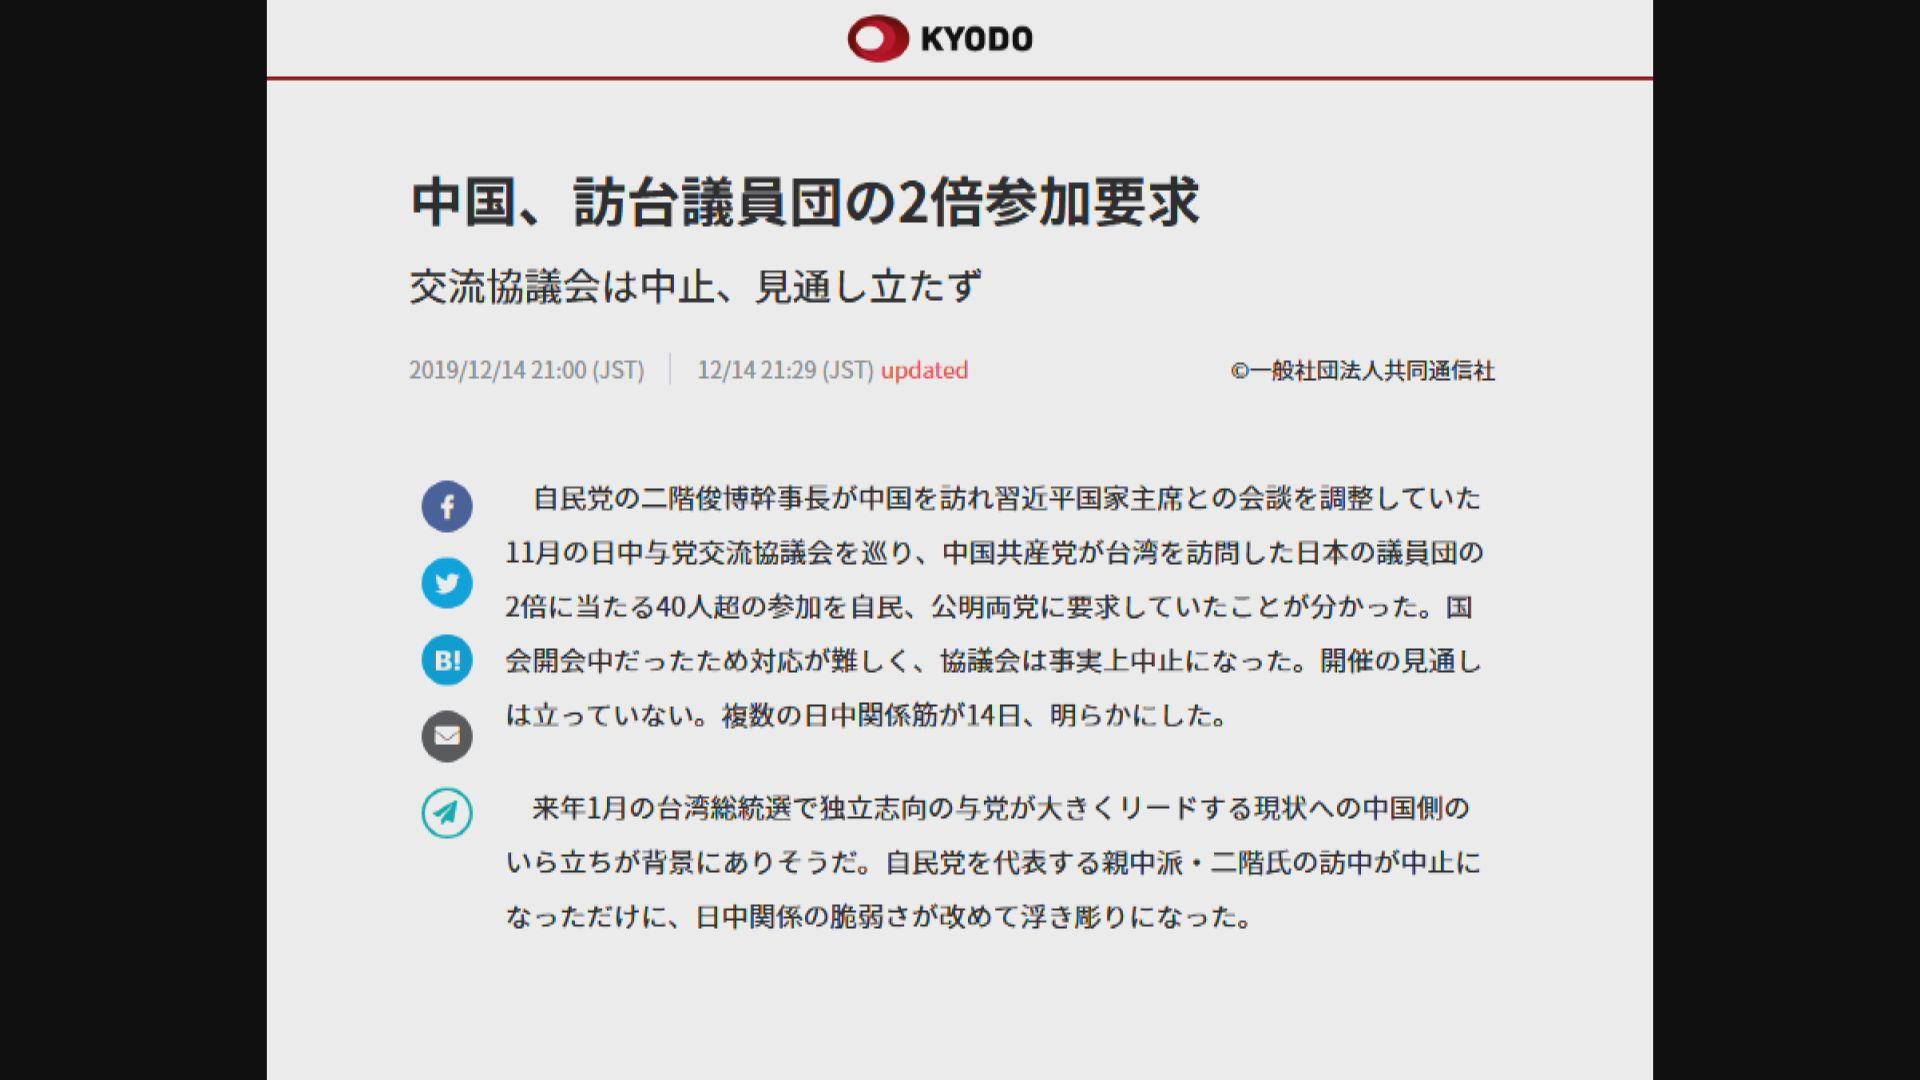 共同社:中方要求訪華日本議員比訪台多一倍